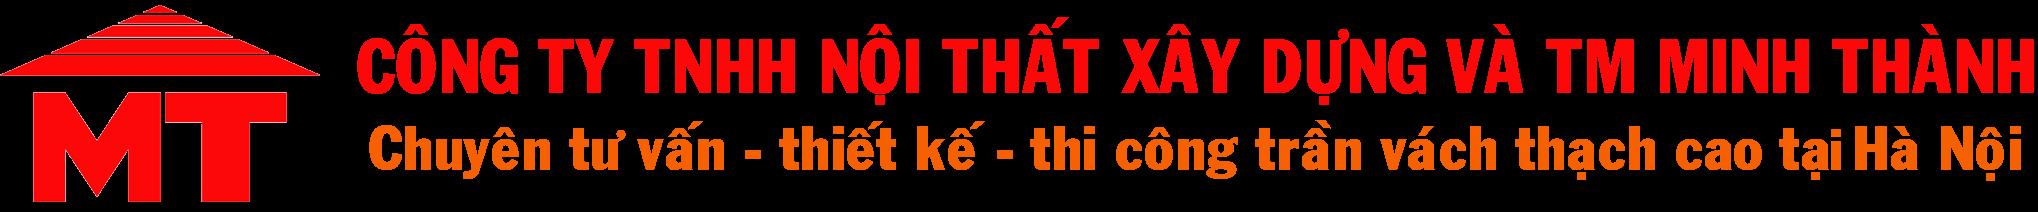 Trần Thạch Cao Minh Thành